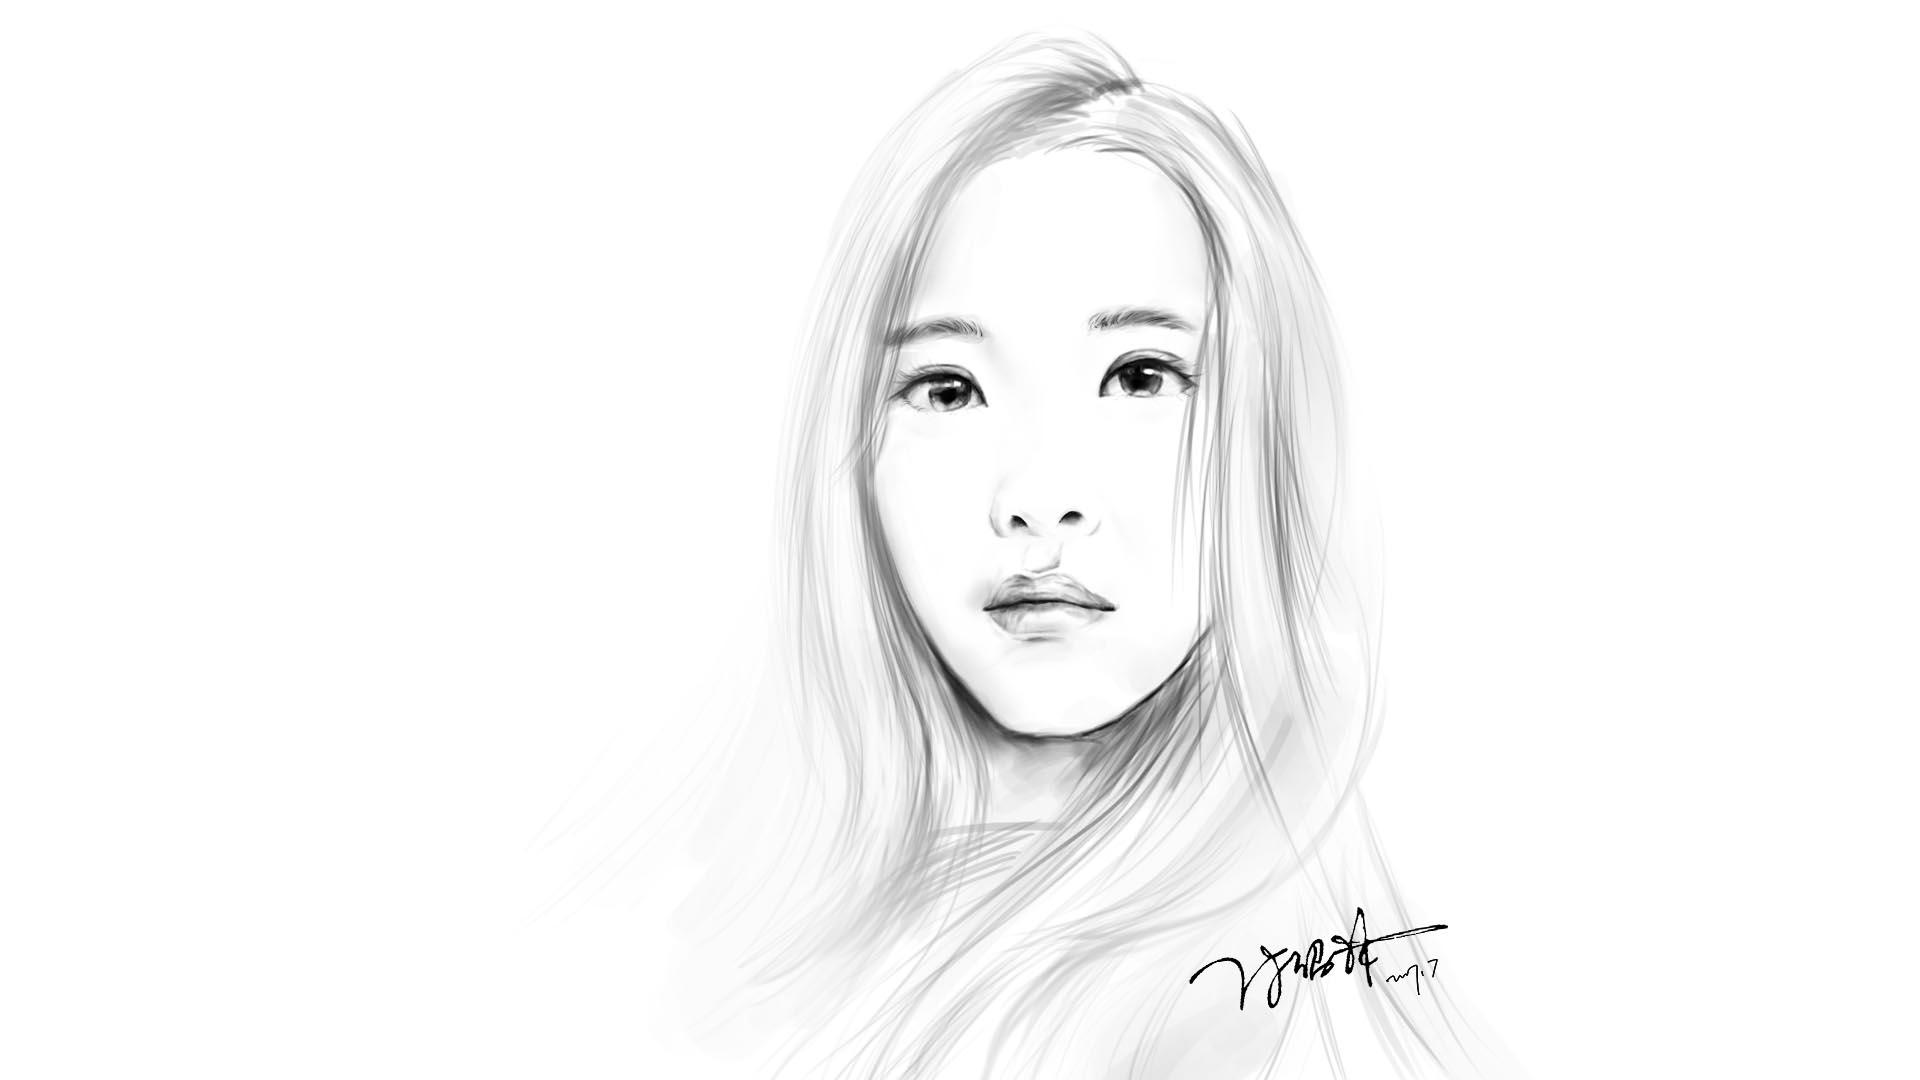 ps手绘素描美女(后期可能上色)|插画|插画习作|f